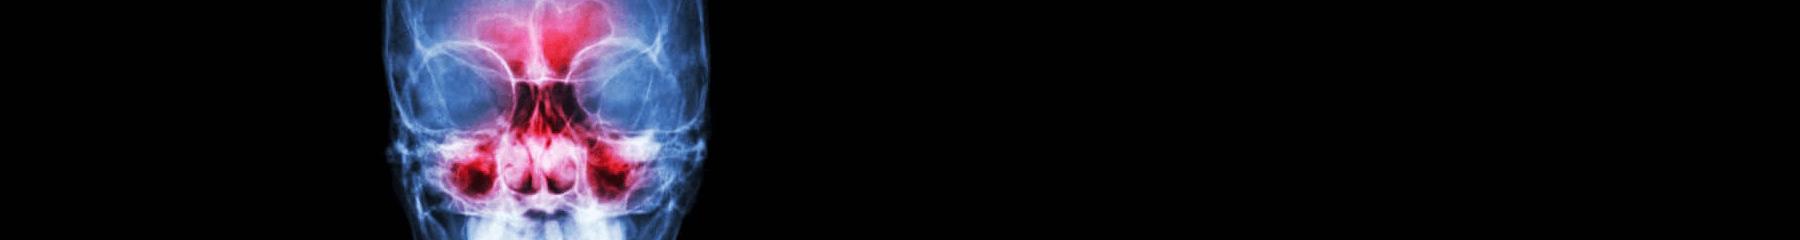 סטריפ צילום תלת מימד